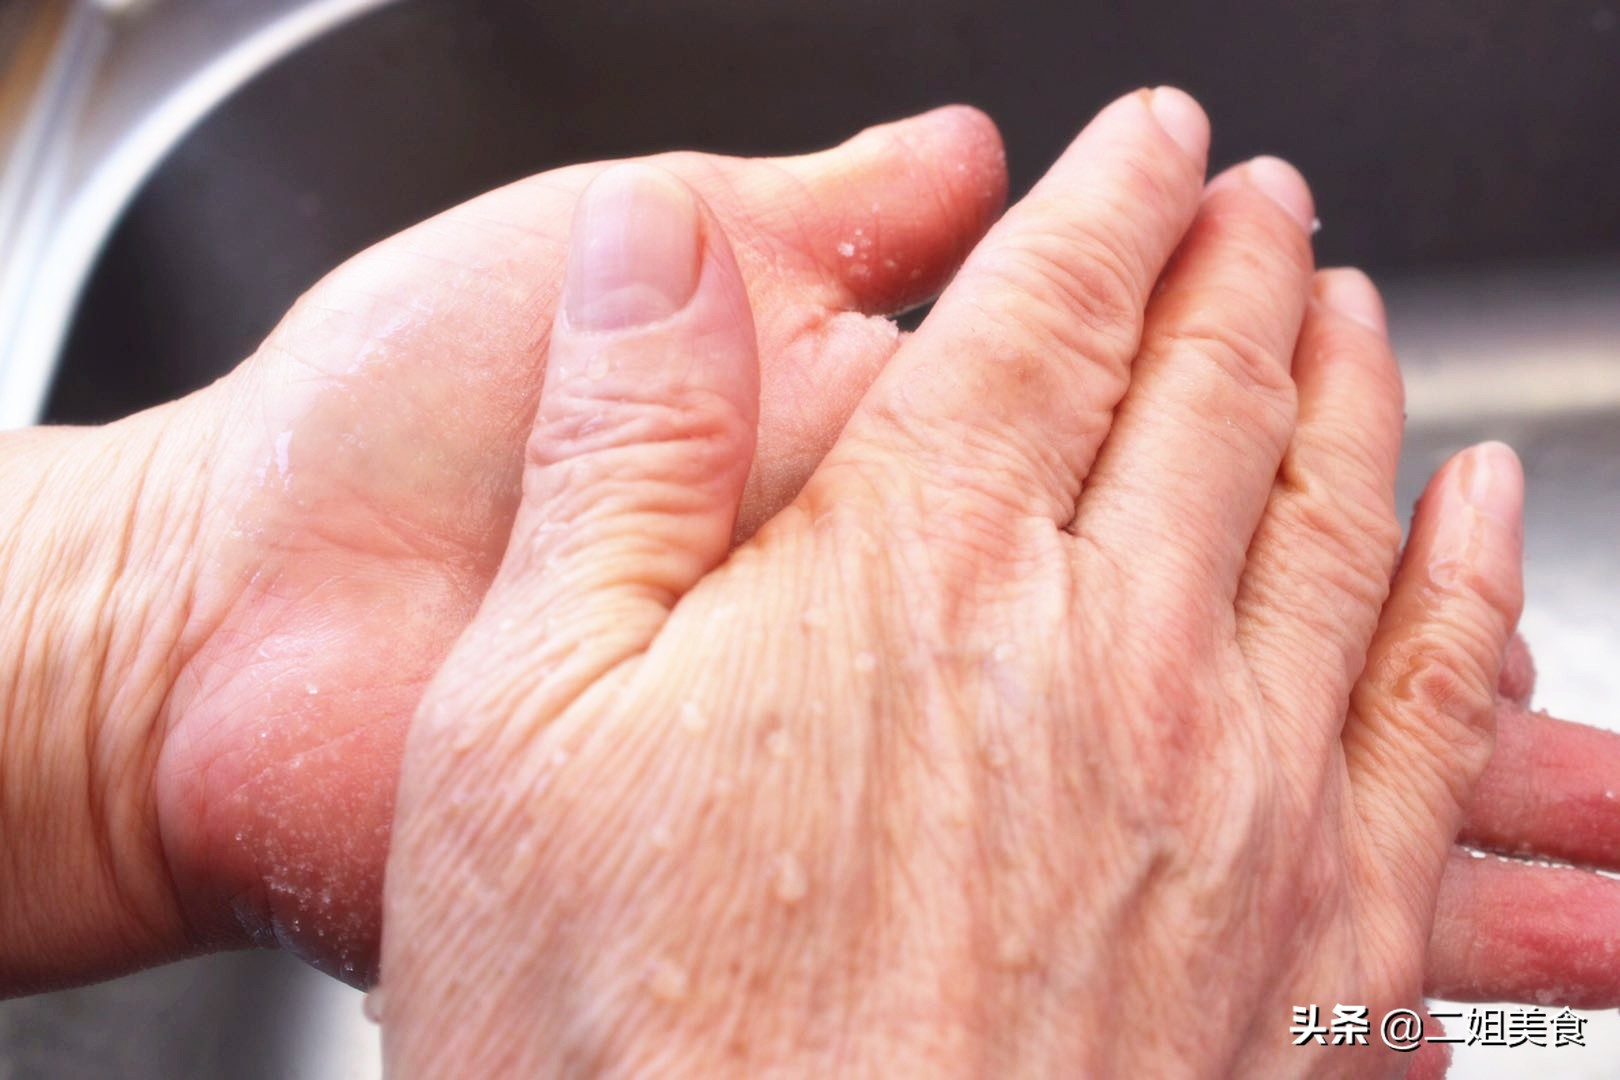 把白糖倒在手心上,輕鬆去除廚房油污,簡單還實用